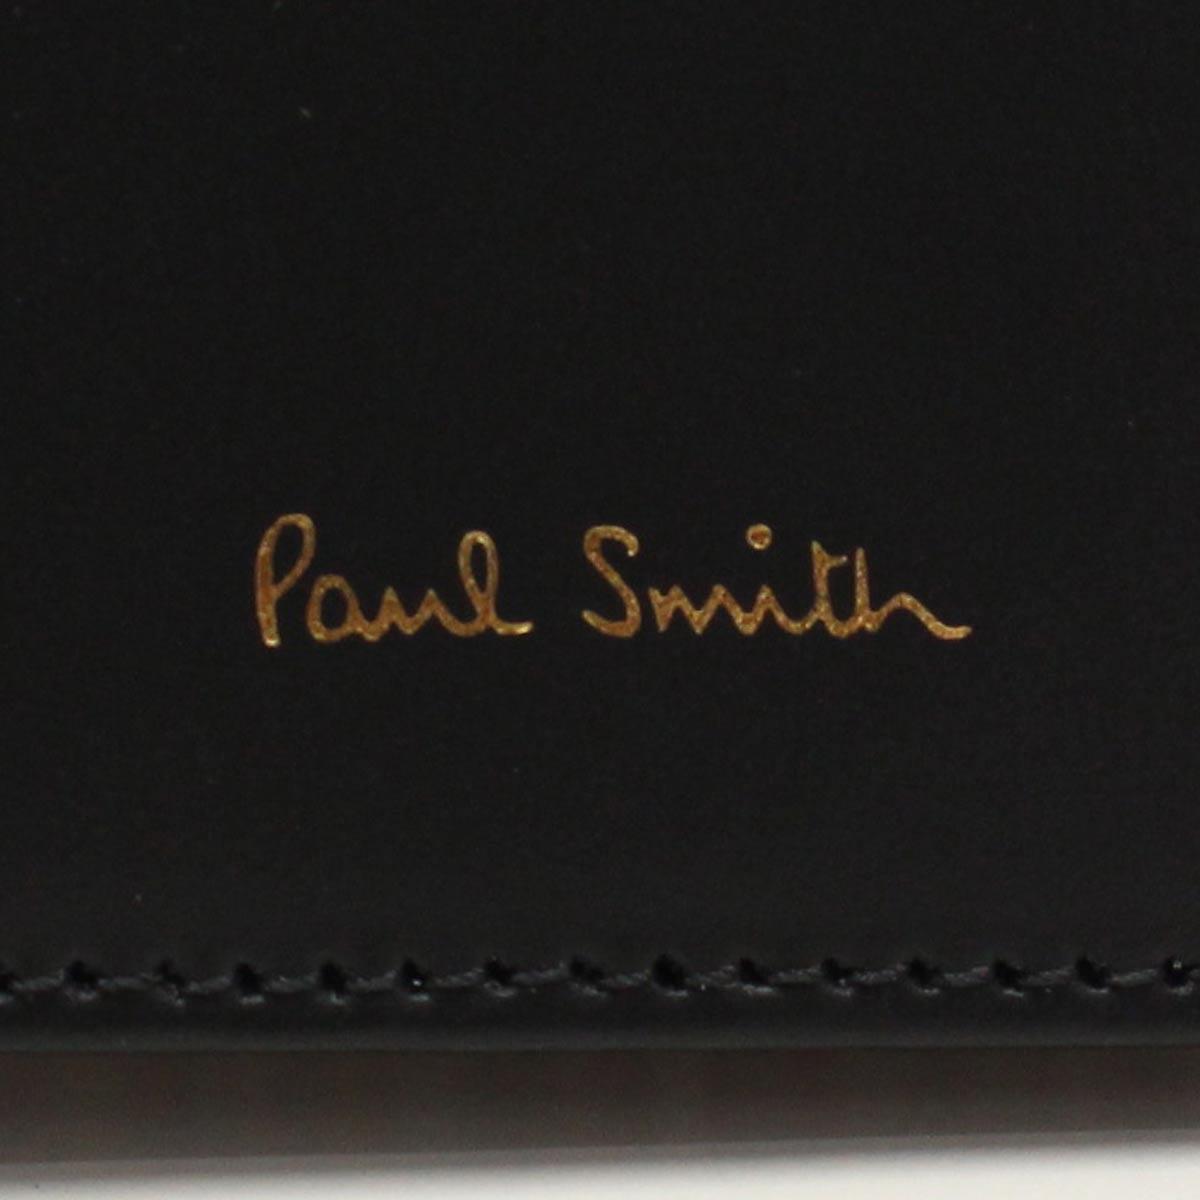 폴 스미스 (Paul Smith) 명함 집 ARPC4776 W761 B 블랙